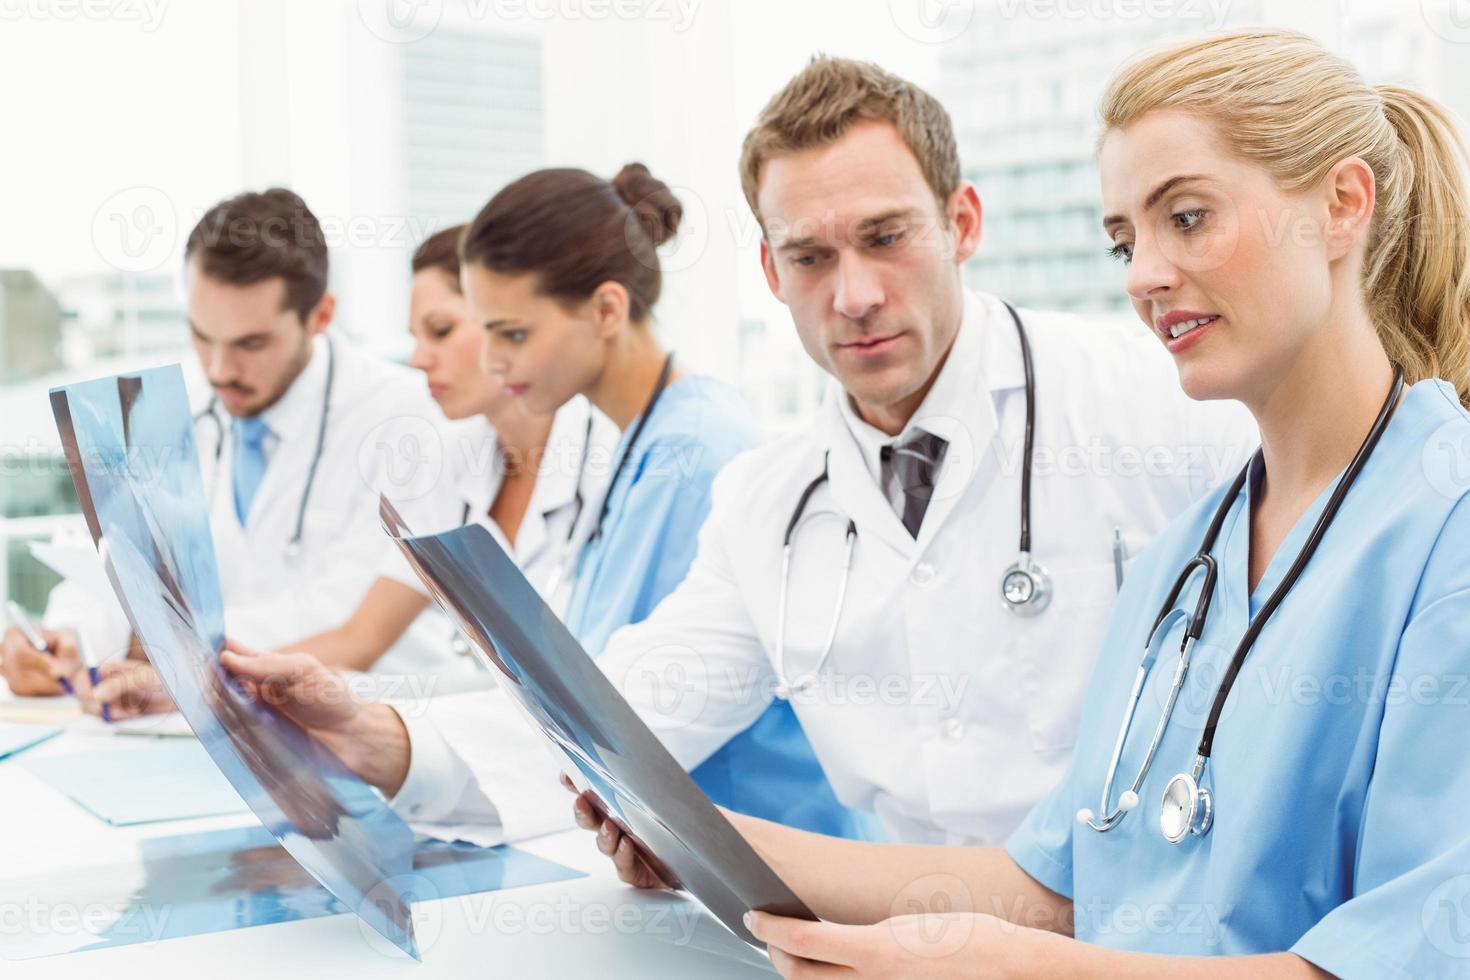 männliche und weibliche Ärzte, die Röntgen untersuchen foto